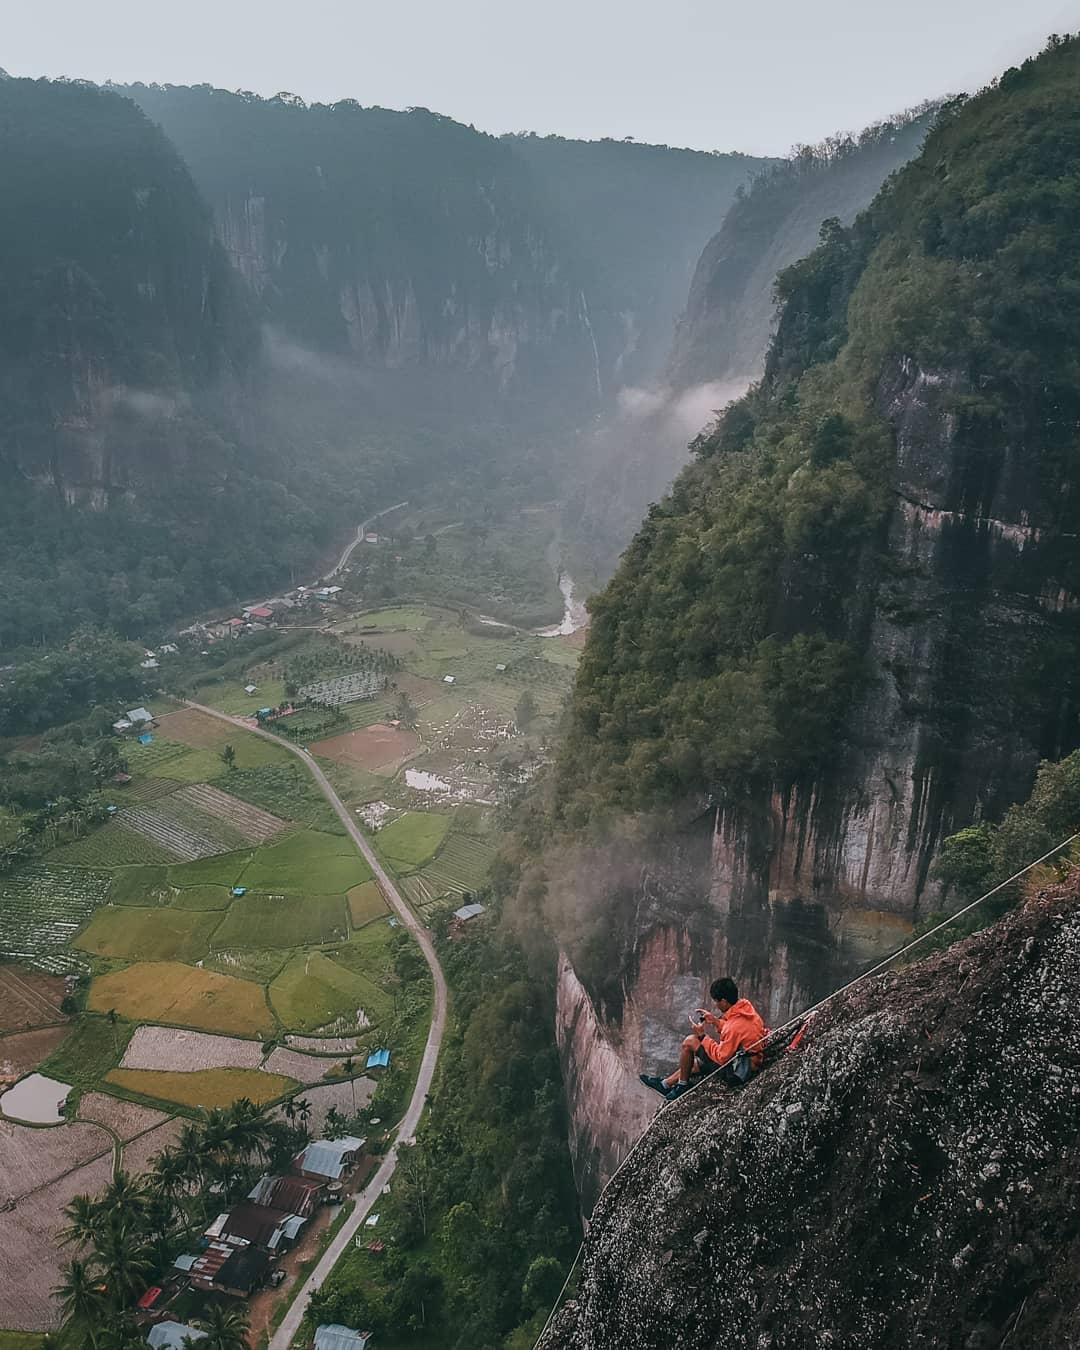 photo lembah harau by @tomybudiarto